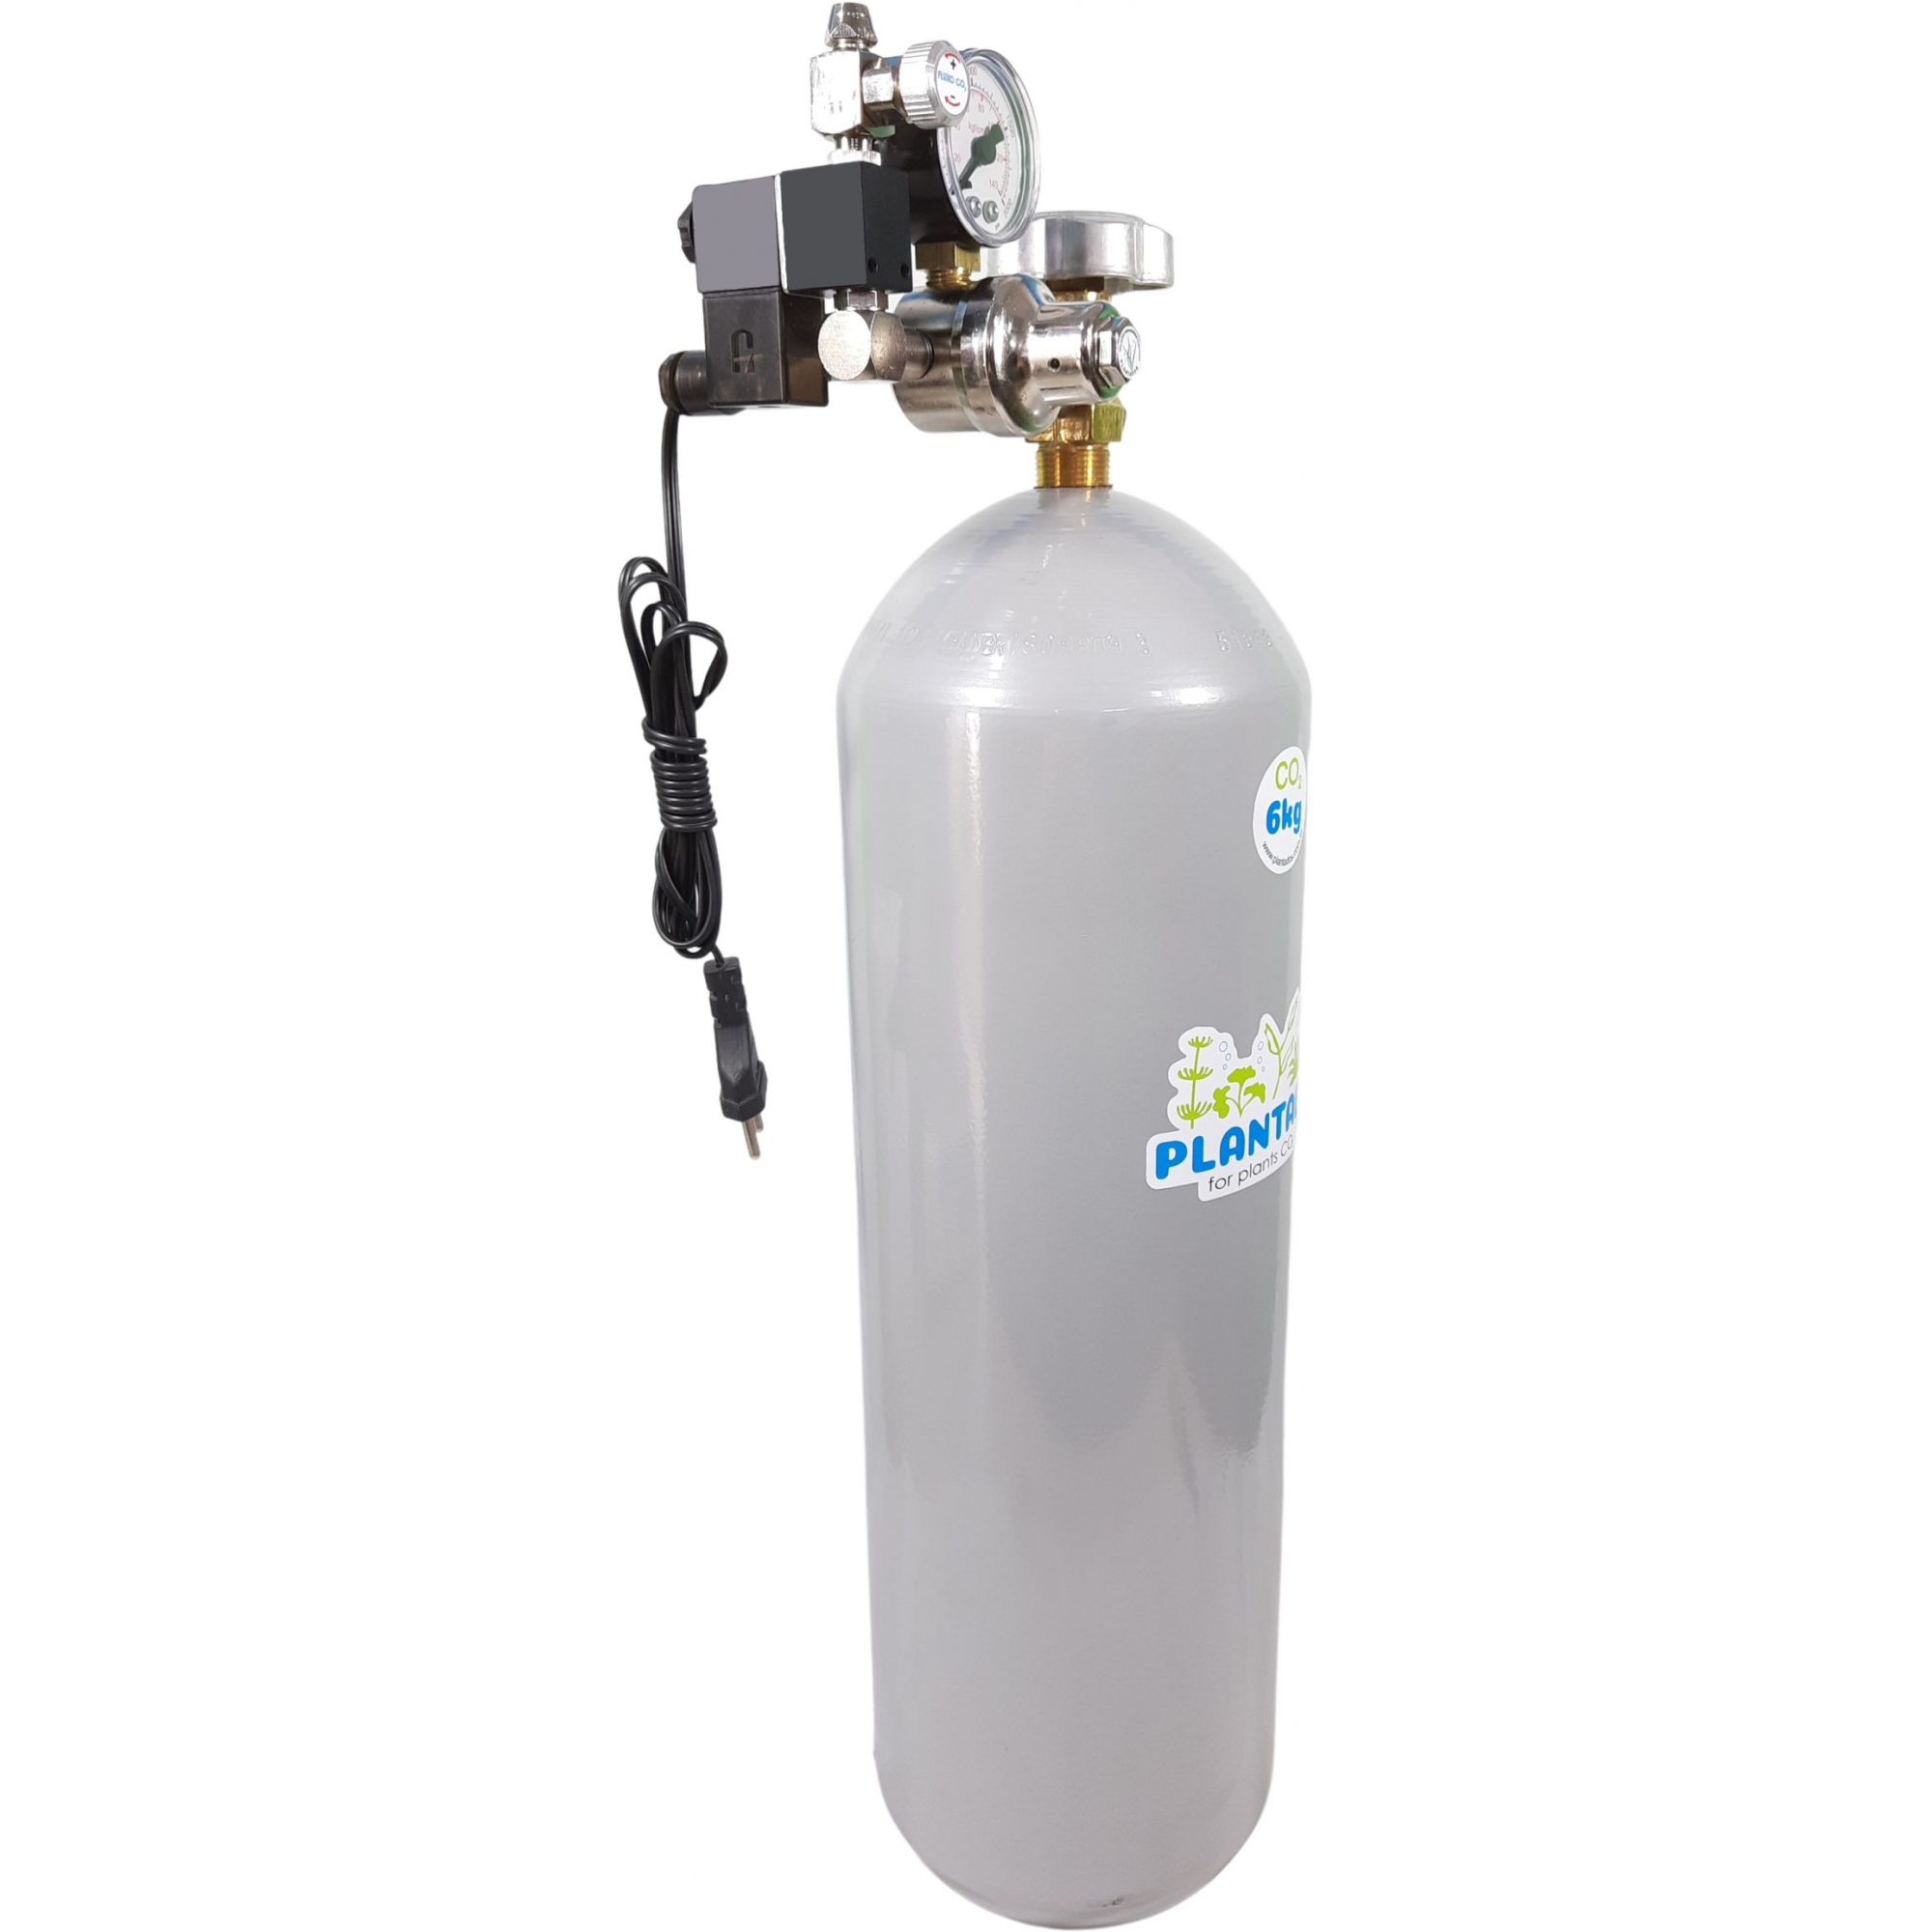 Kit CO2 c/ cilindro de aço 6kg e 1 saída p/ aquário